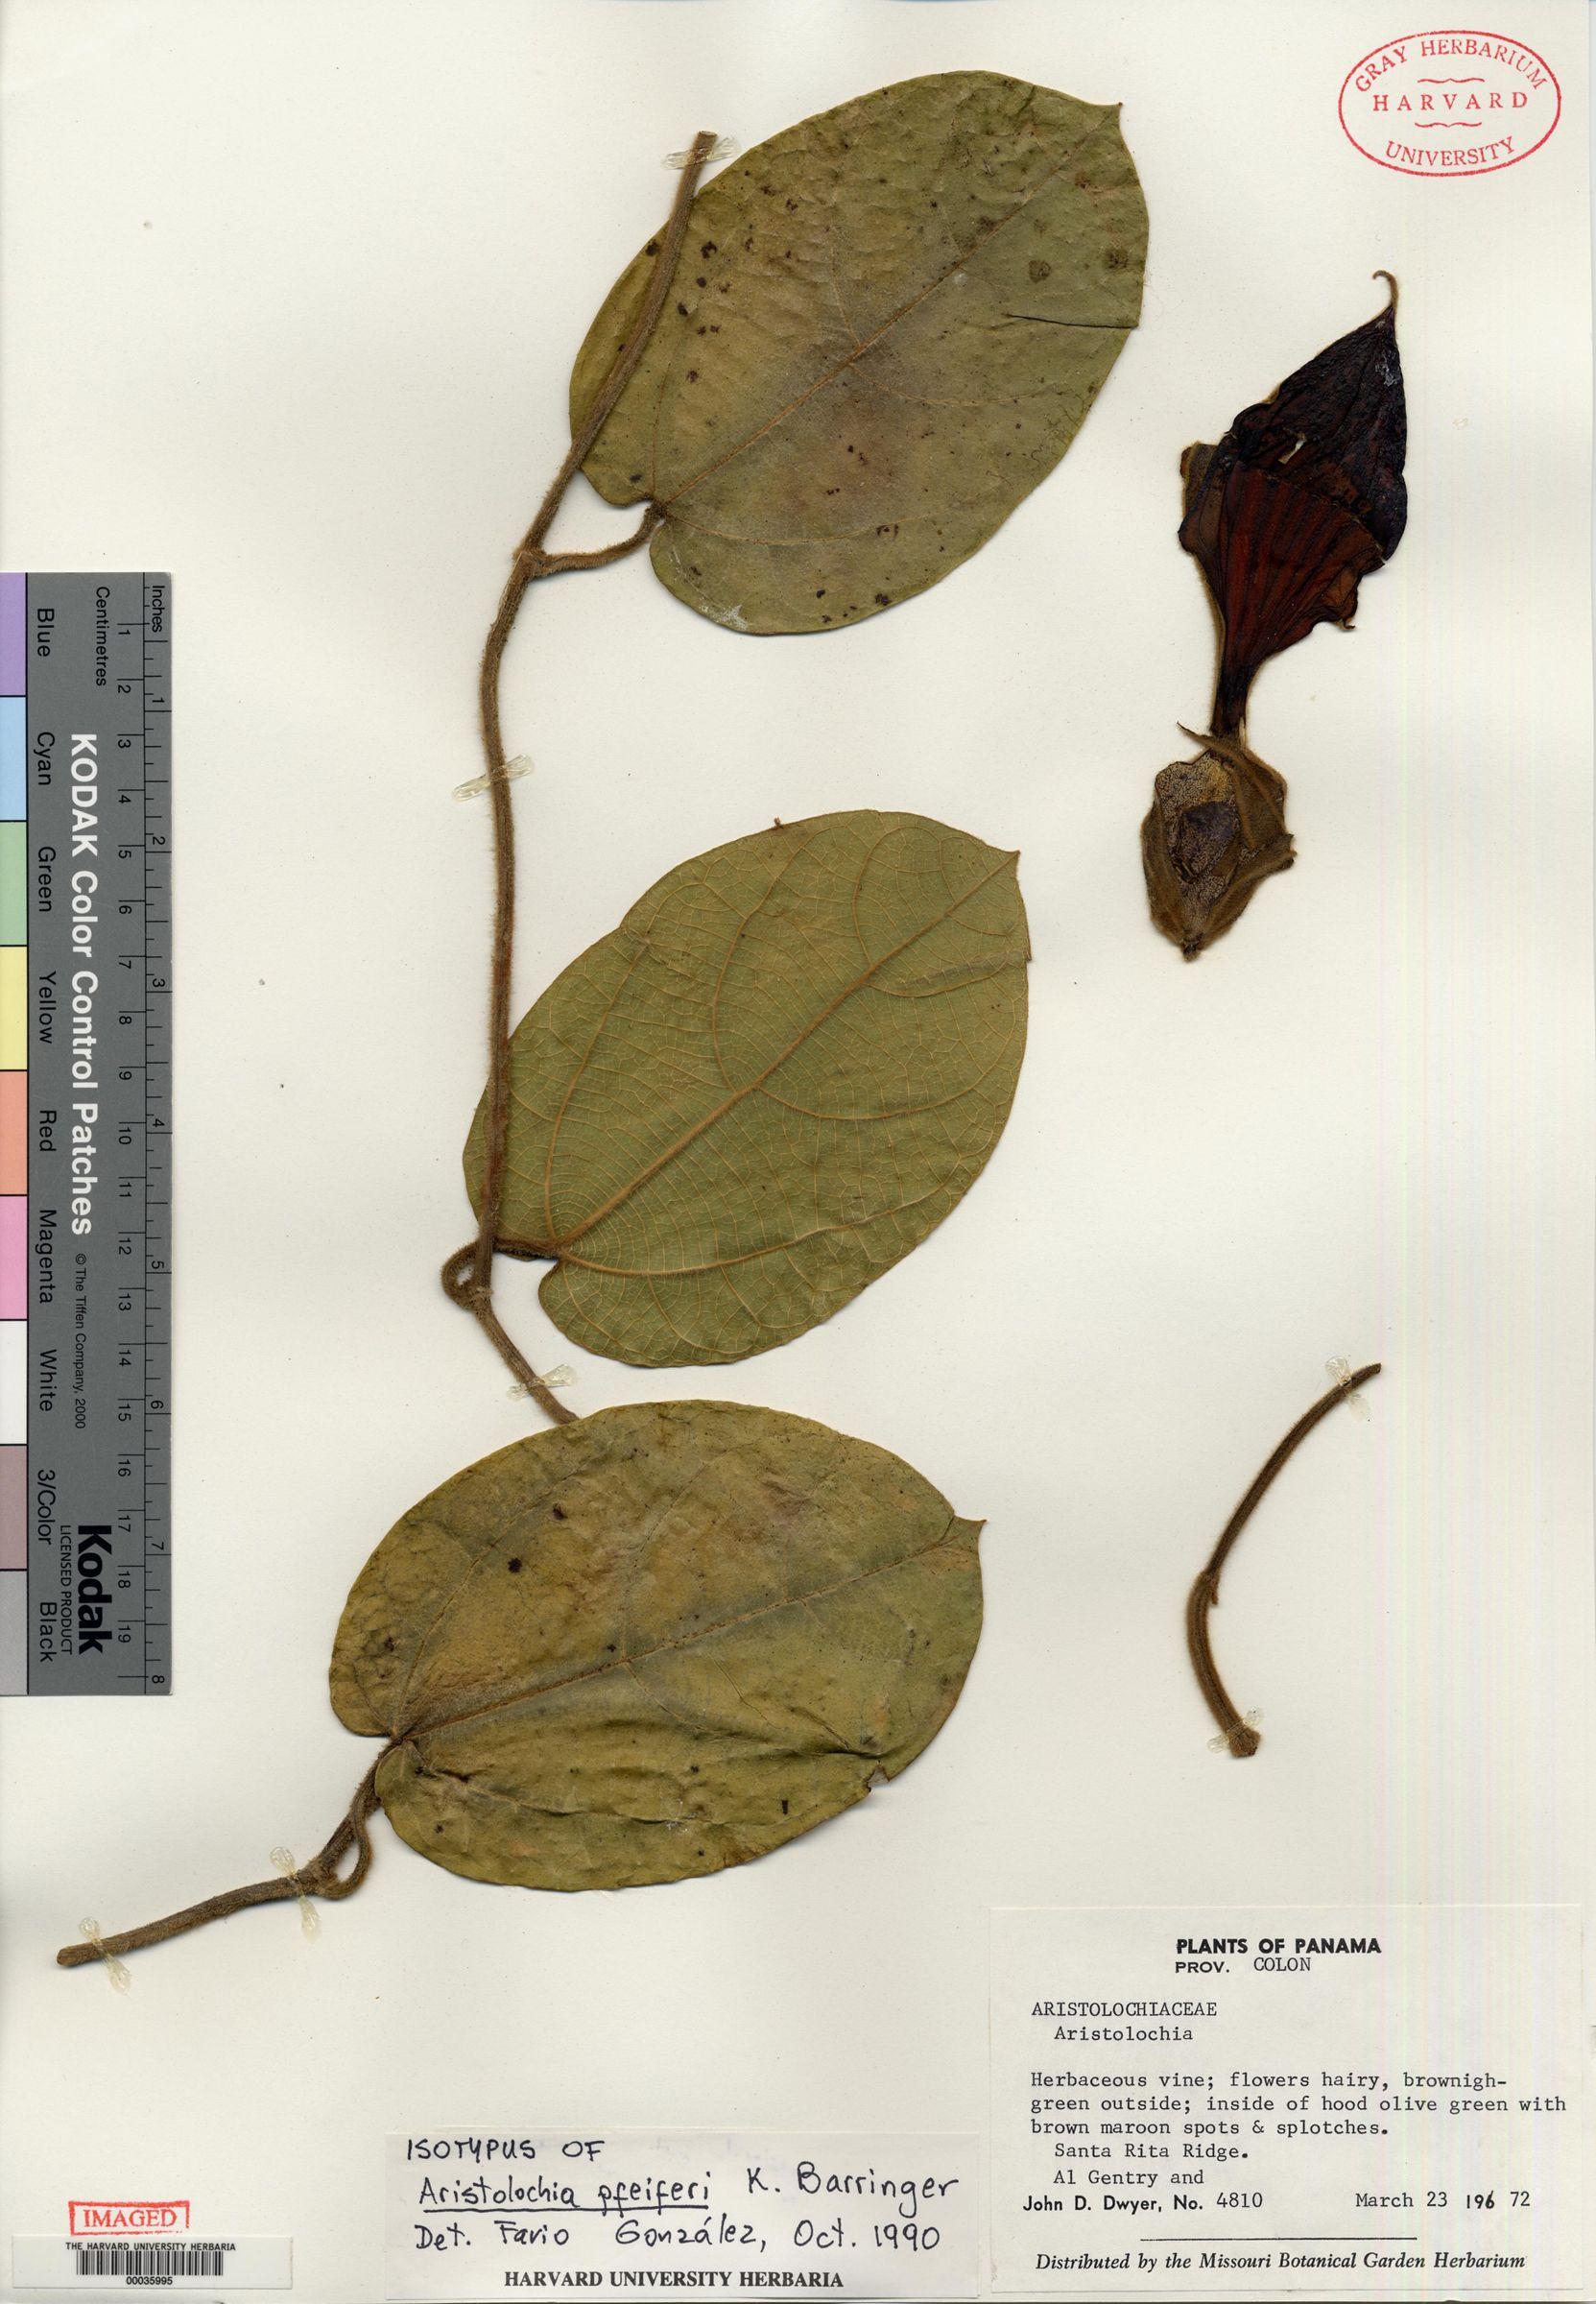 Aristolochia pfeiferi image